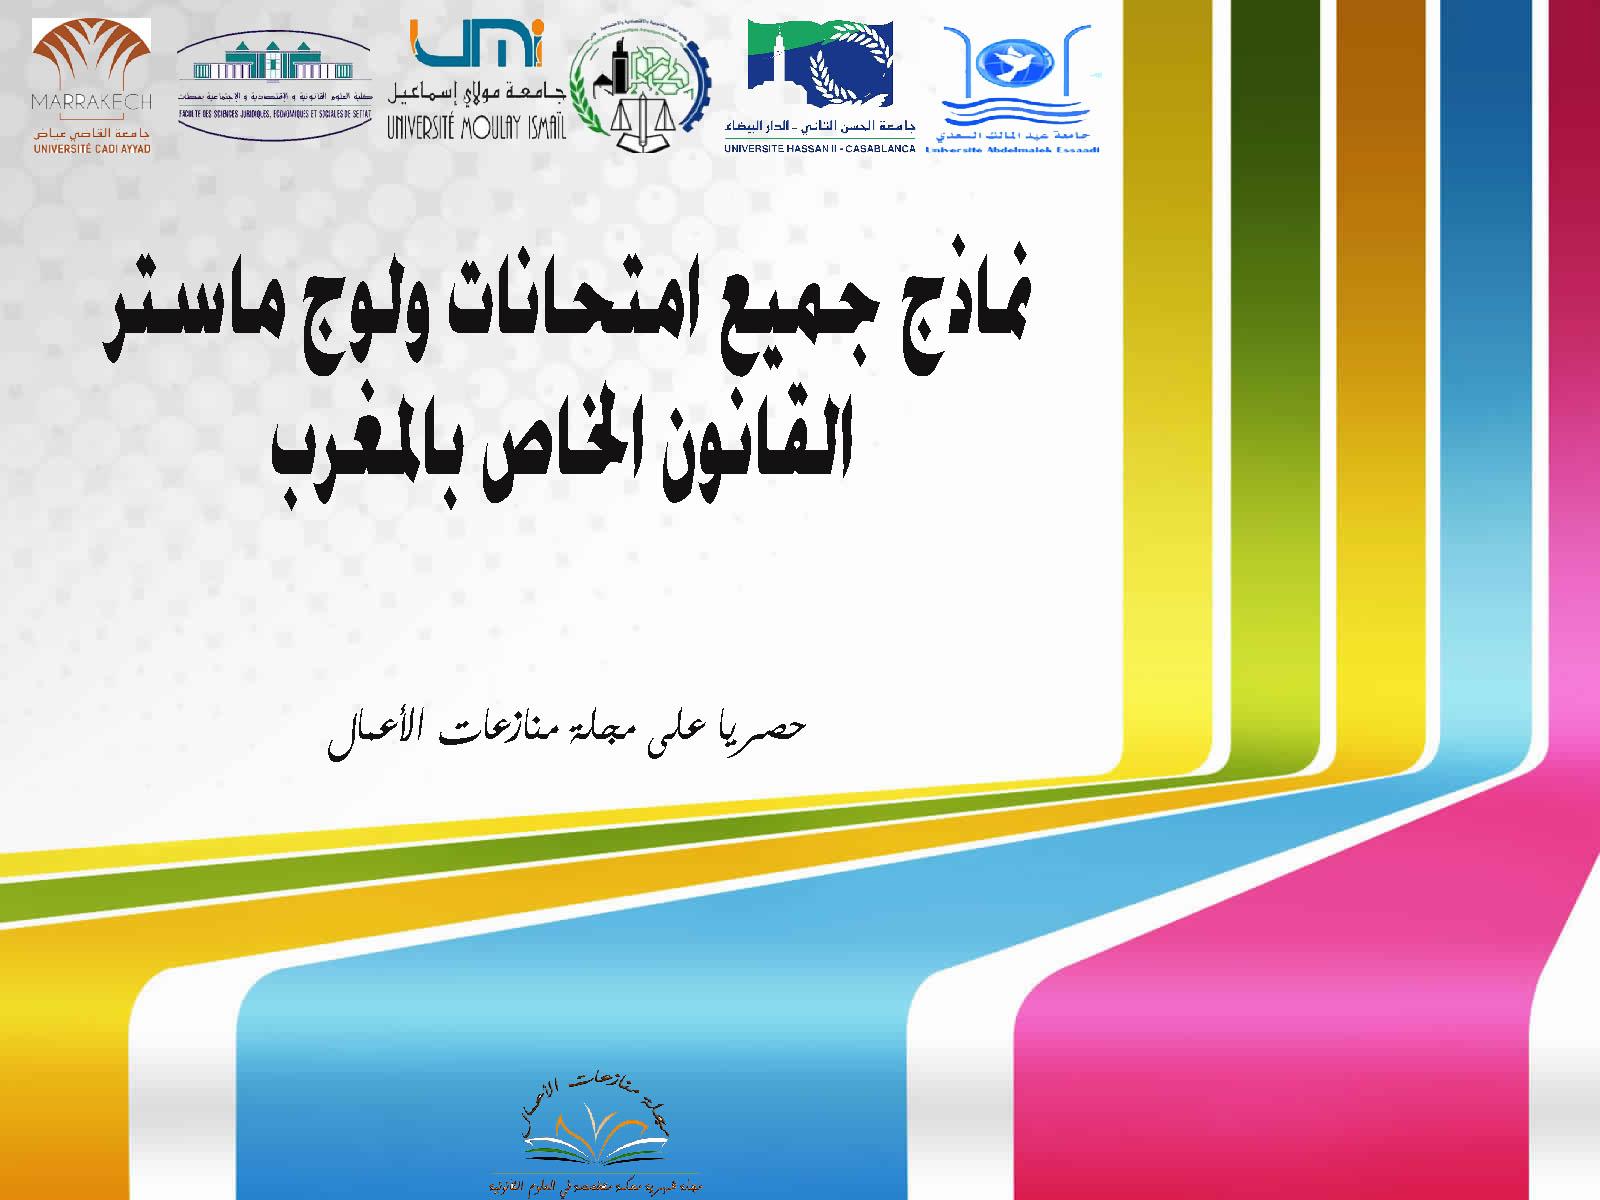 نتائج امتحانات جامعة محمد الأول وجدة كلية الحقوق